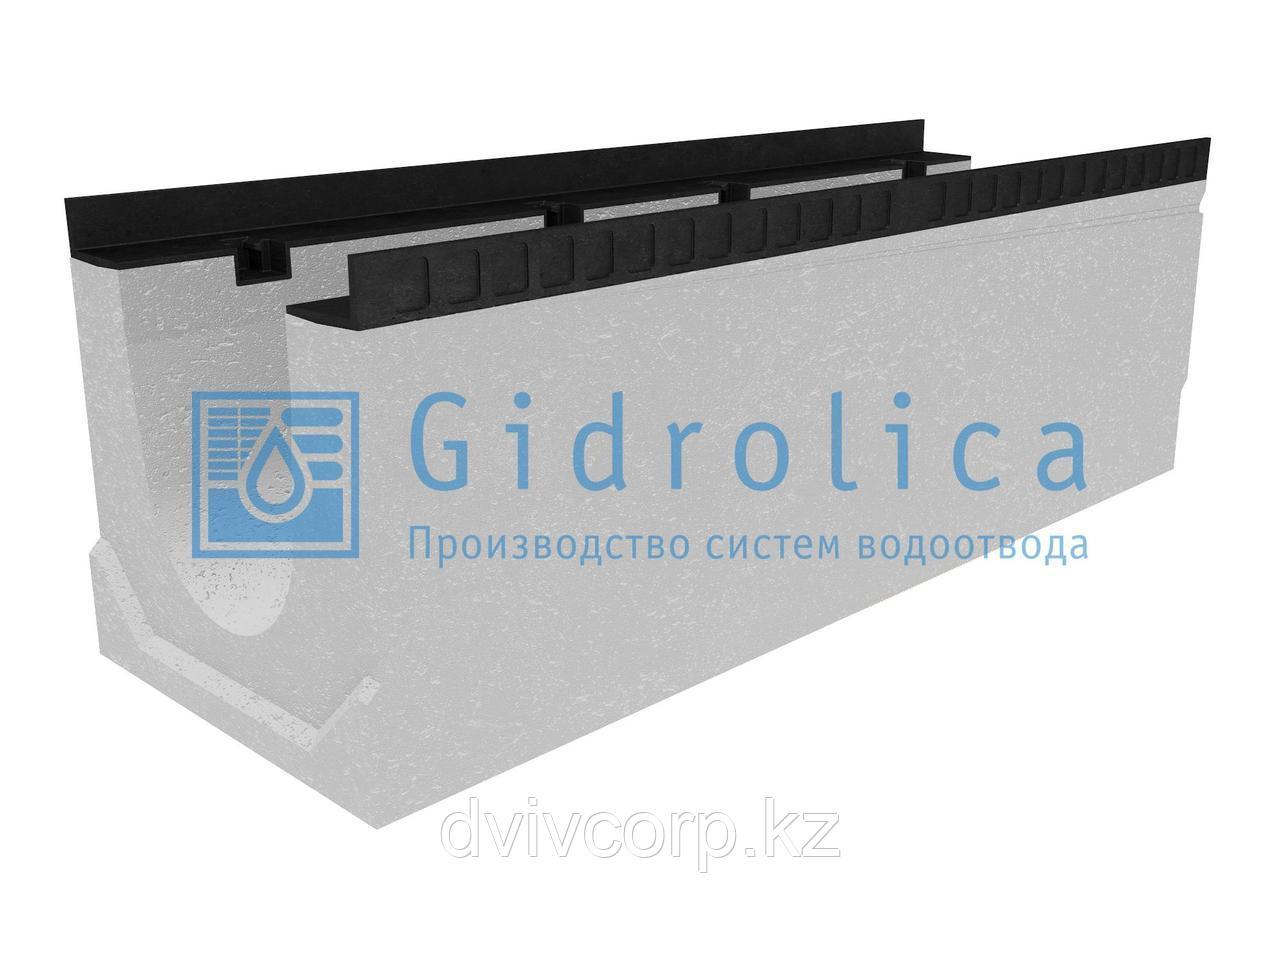 Лоток водоотводный бетонный коробчатый (СО-200мм), с уклоном 0,5%  КUу 100.34(20).35(28) - BGМ, № 8